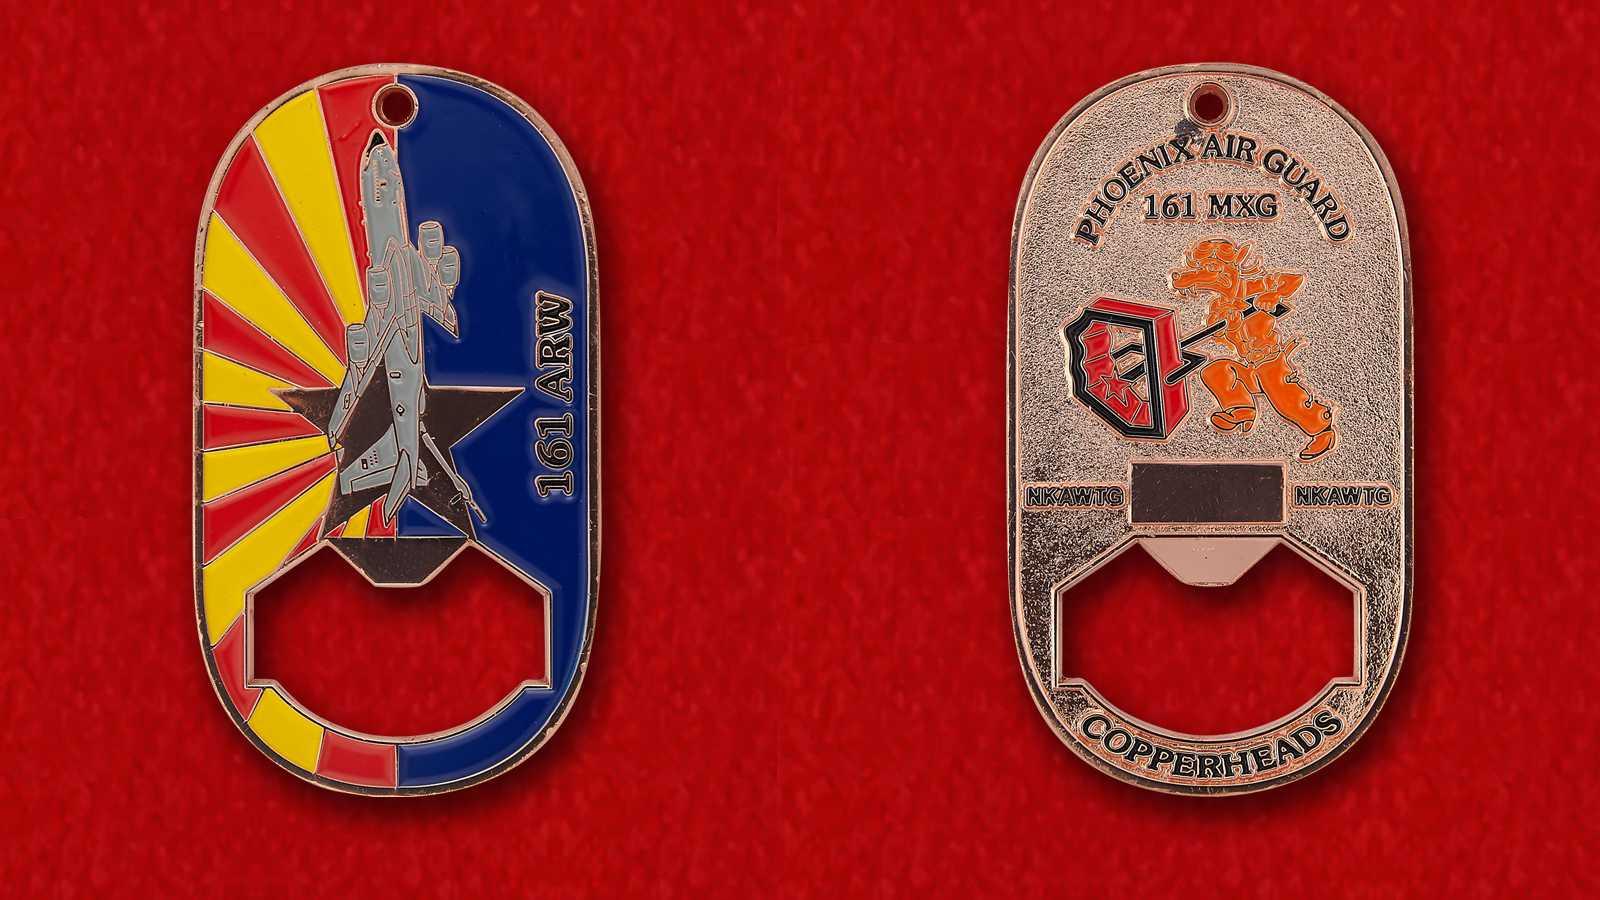 Челлендж коин-открывашка Группы технического обслуживания 161-го крыла самолетов-заправщиков ВВС США